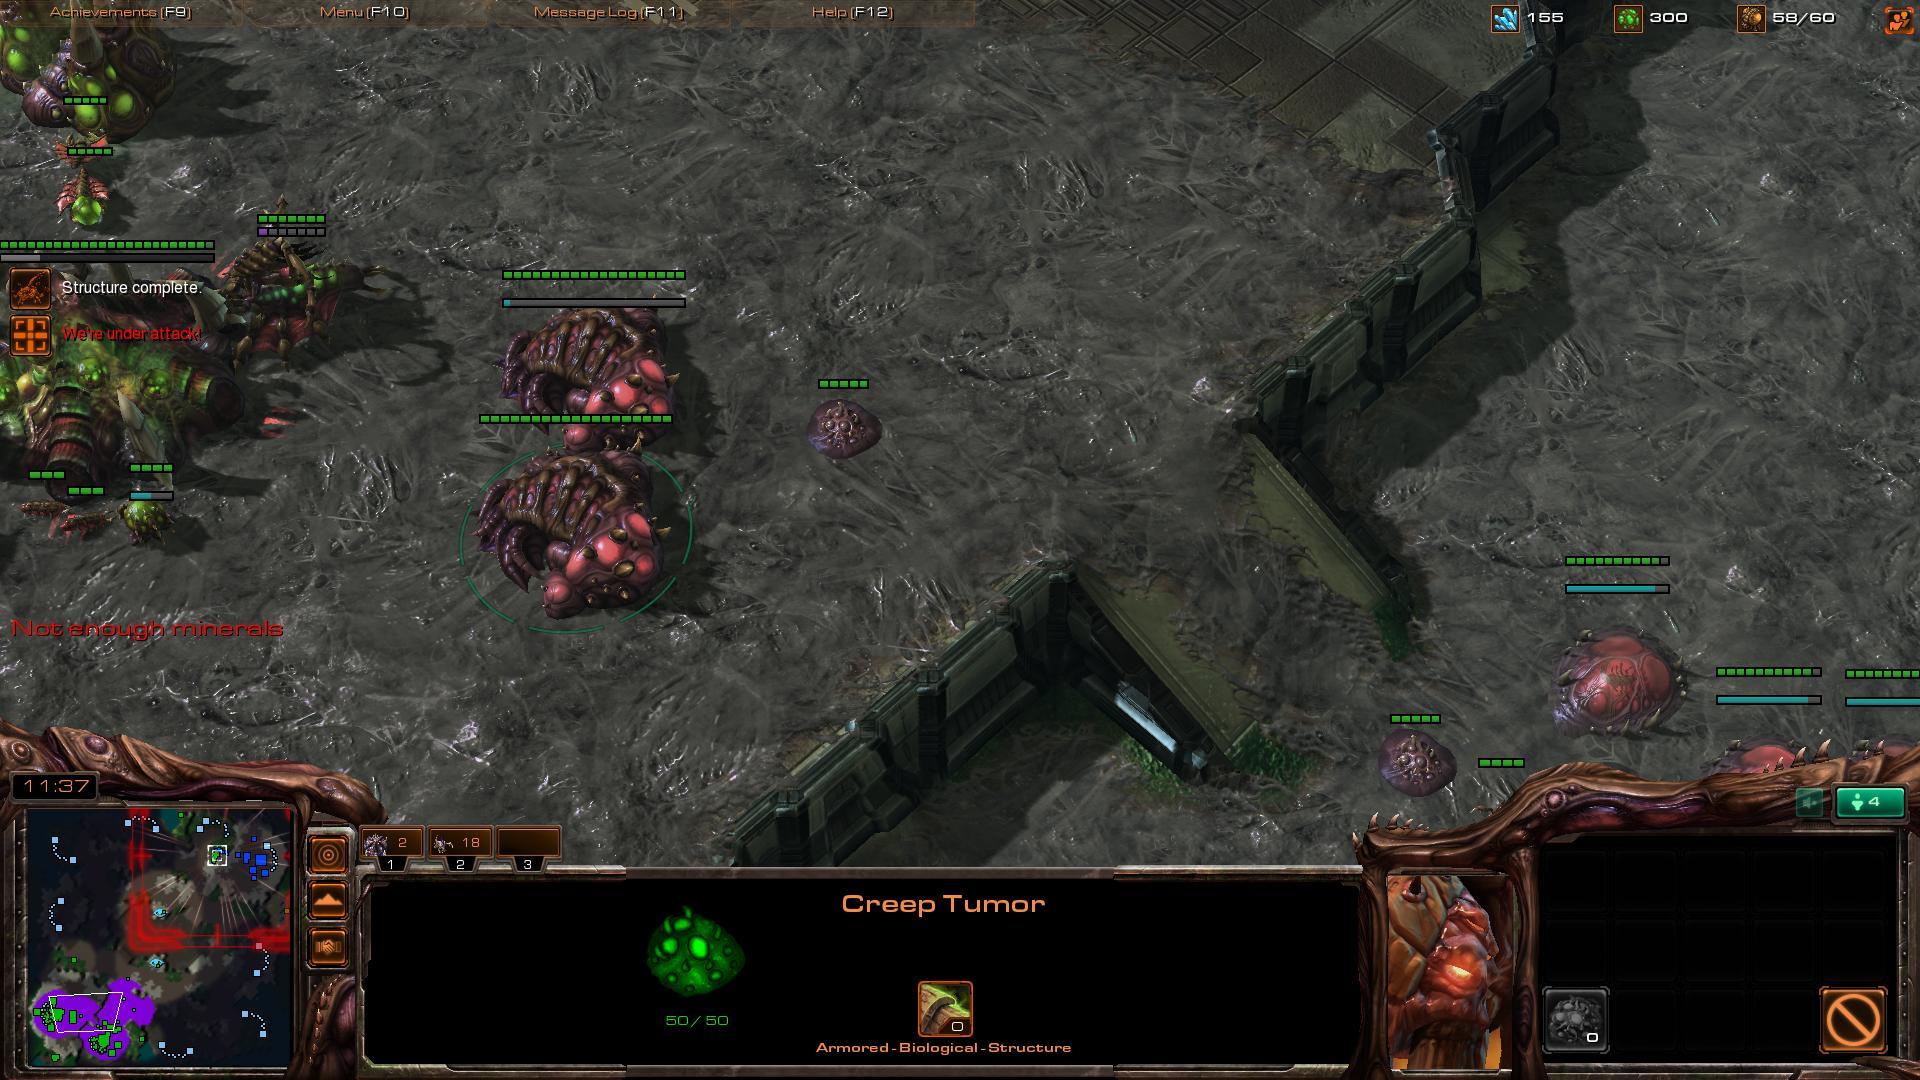 starcraft 2 zerg rush sc2 screenshot gamingcfg com